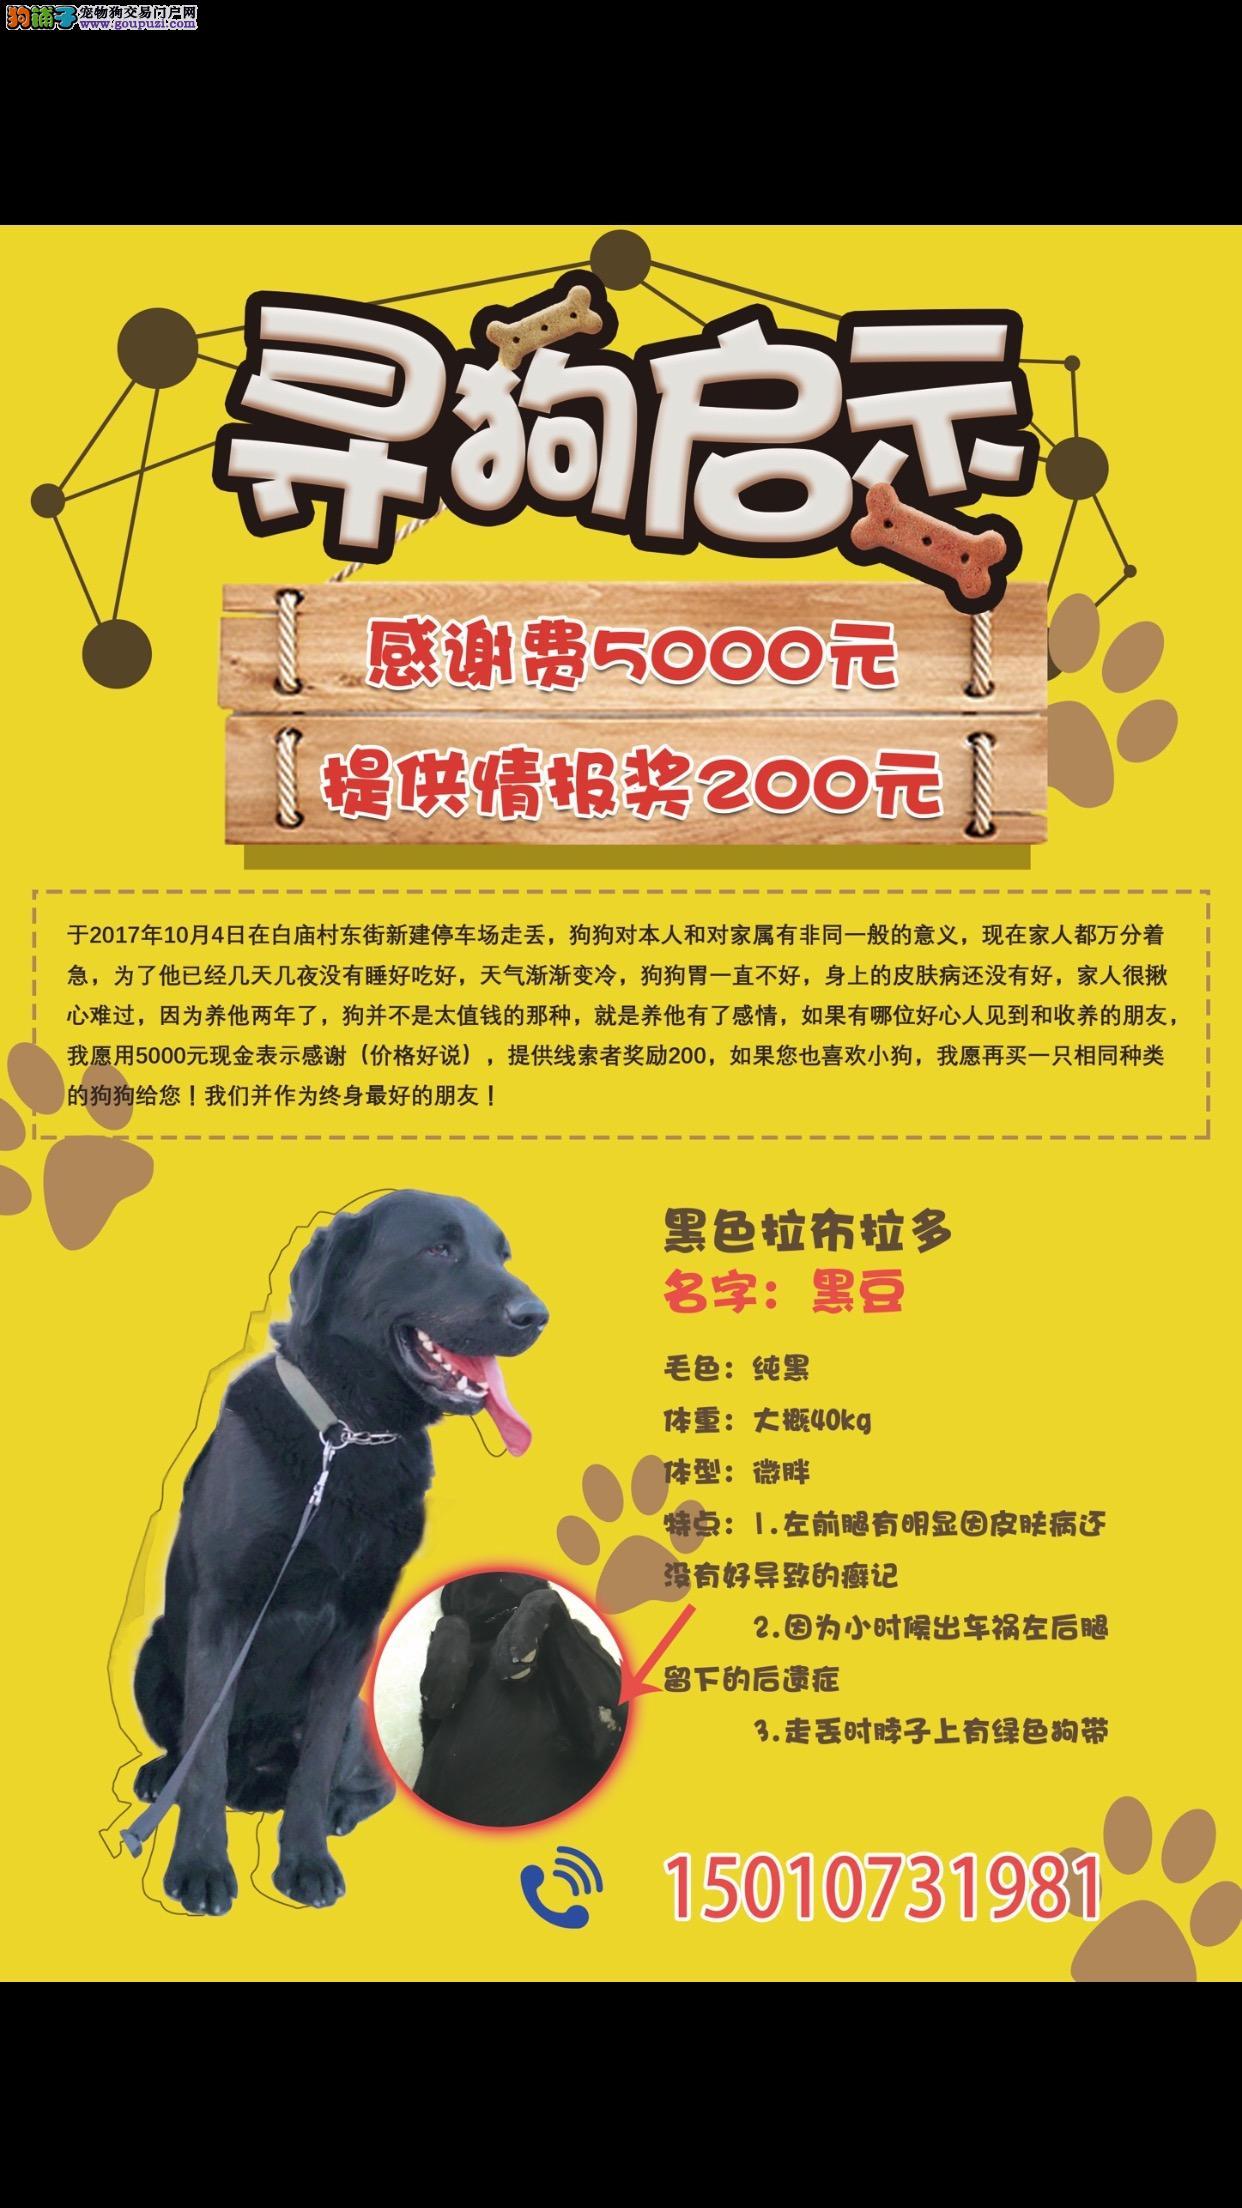 北京市昌平区北七家镇白庙东街酬谢五千元寻找拉布拉多